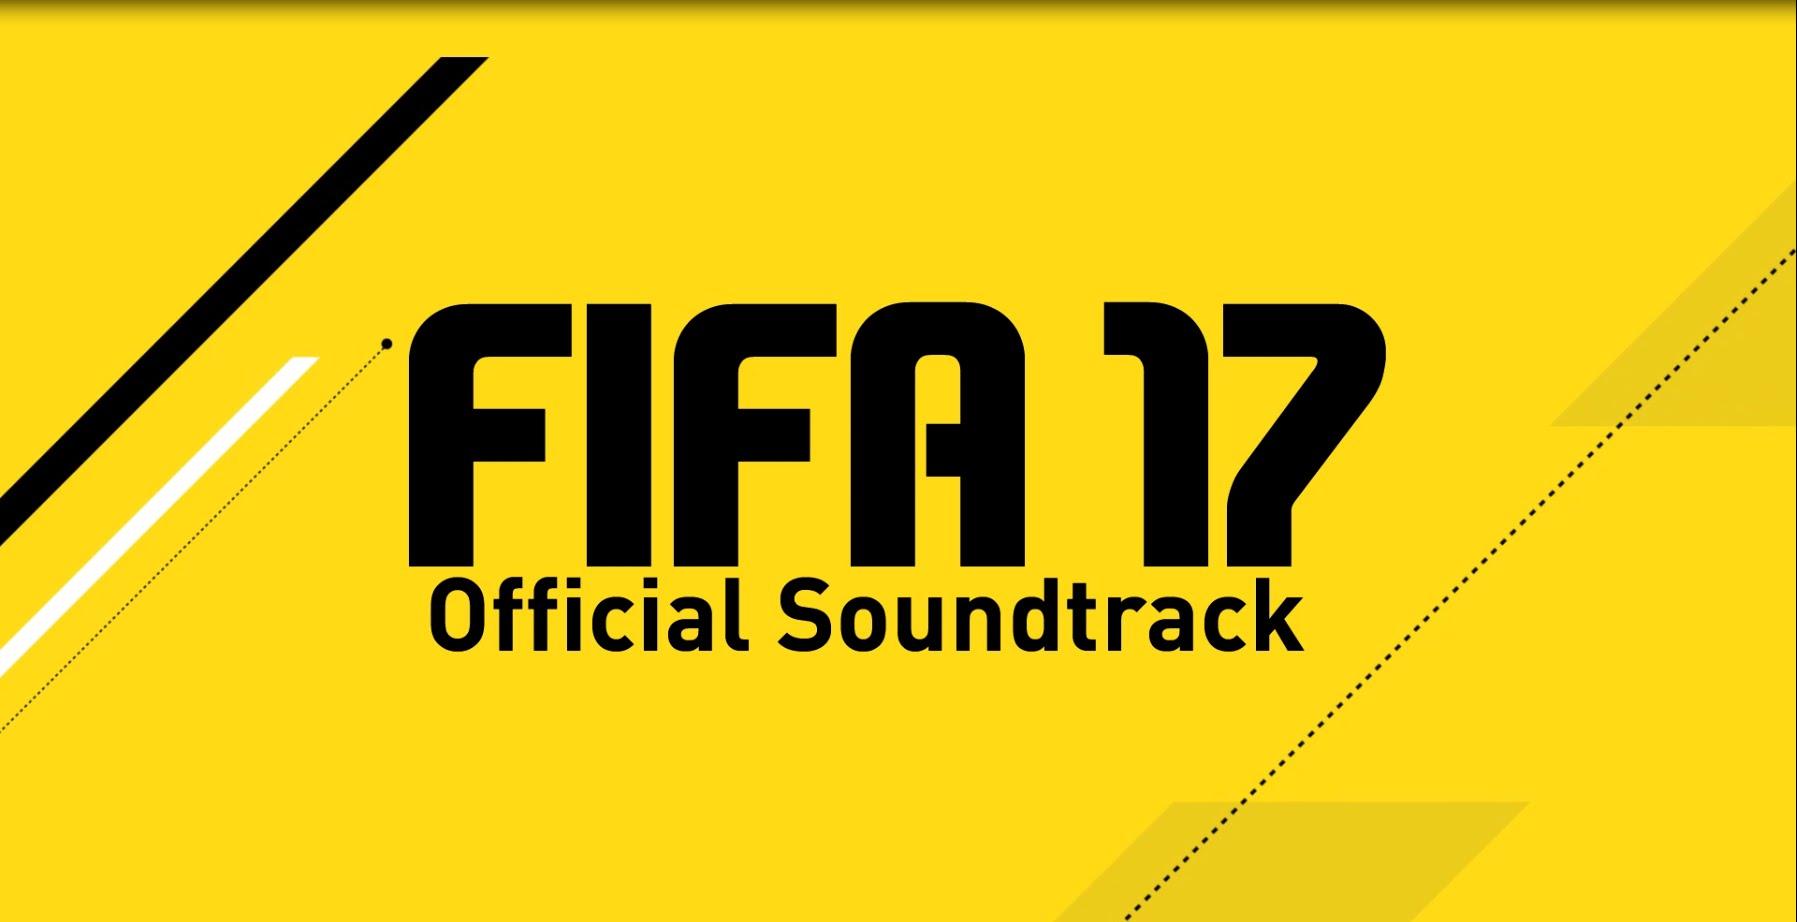 The FIFA 17 Soundtrack